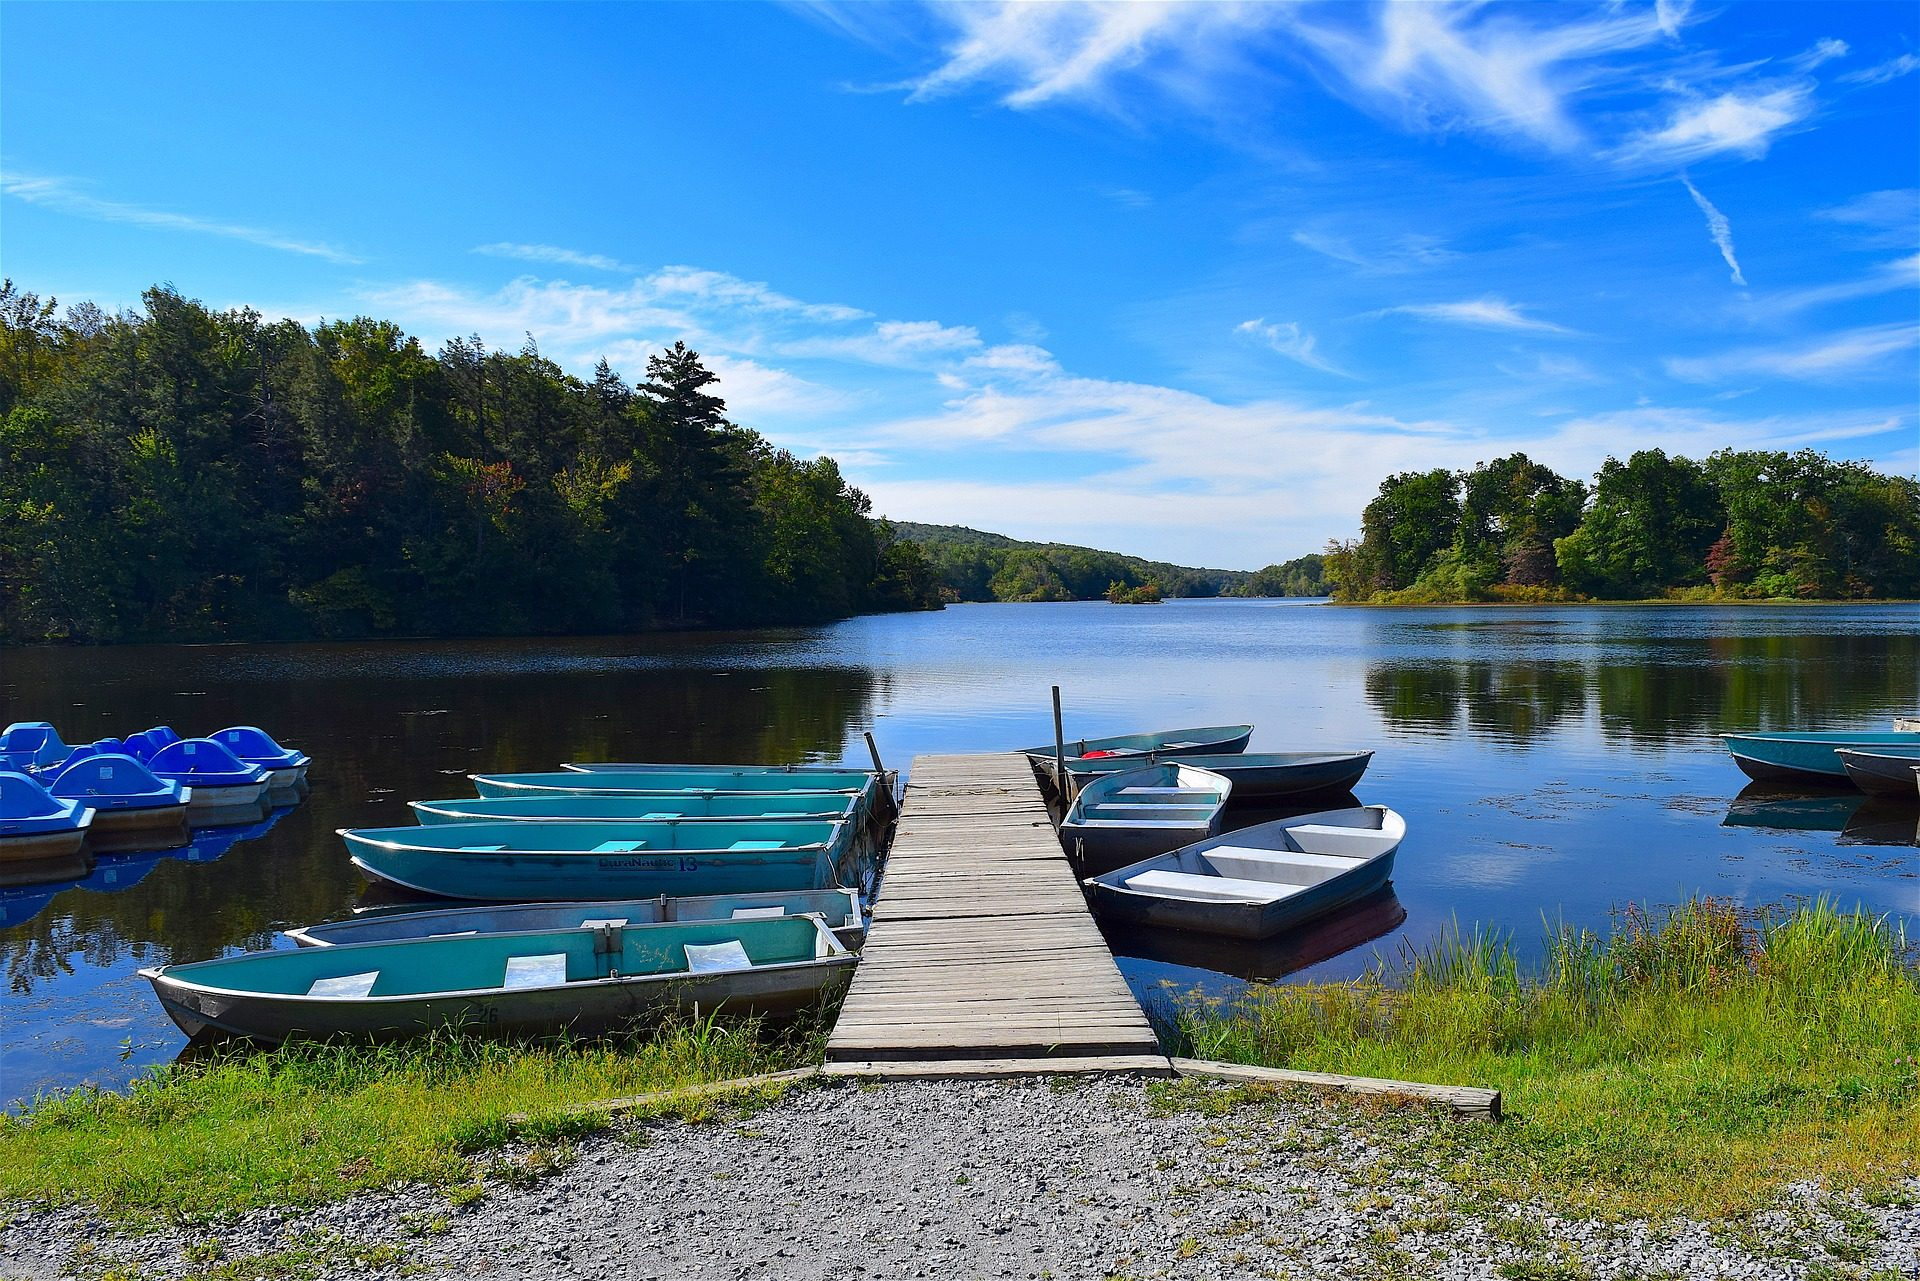 embarcadero, barcas, lago, árboles, reflejos - Fondos de Pantalla HD - professor-falken.com